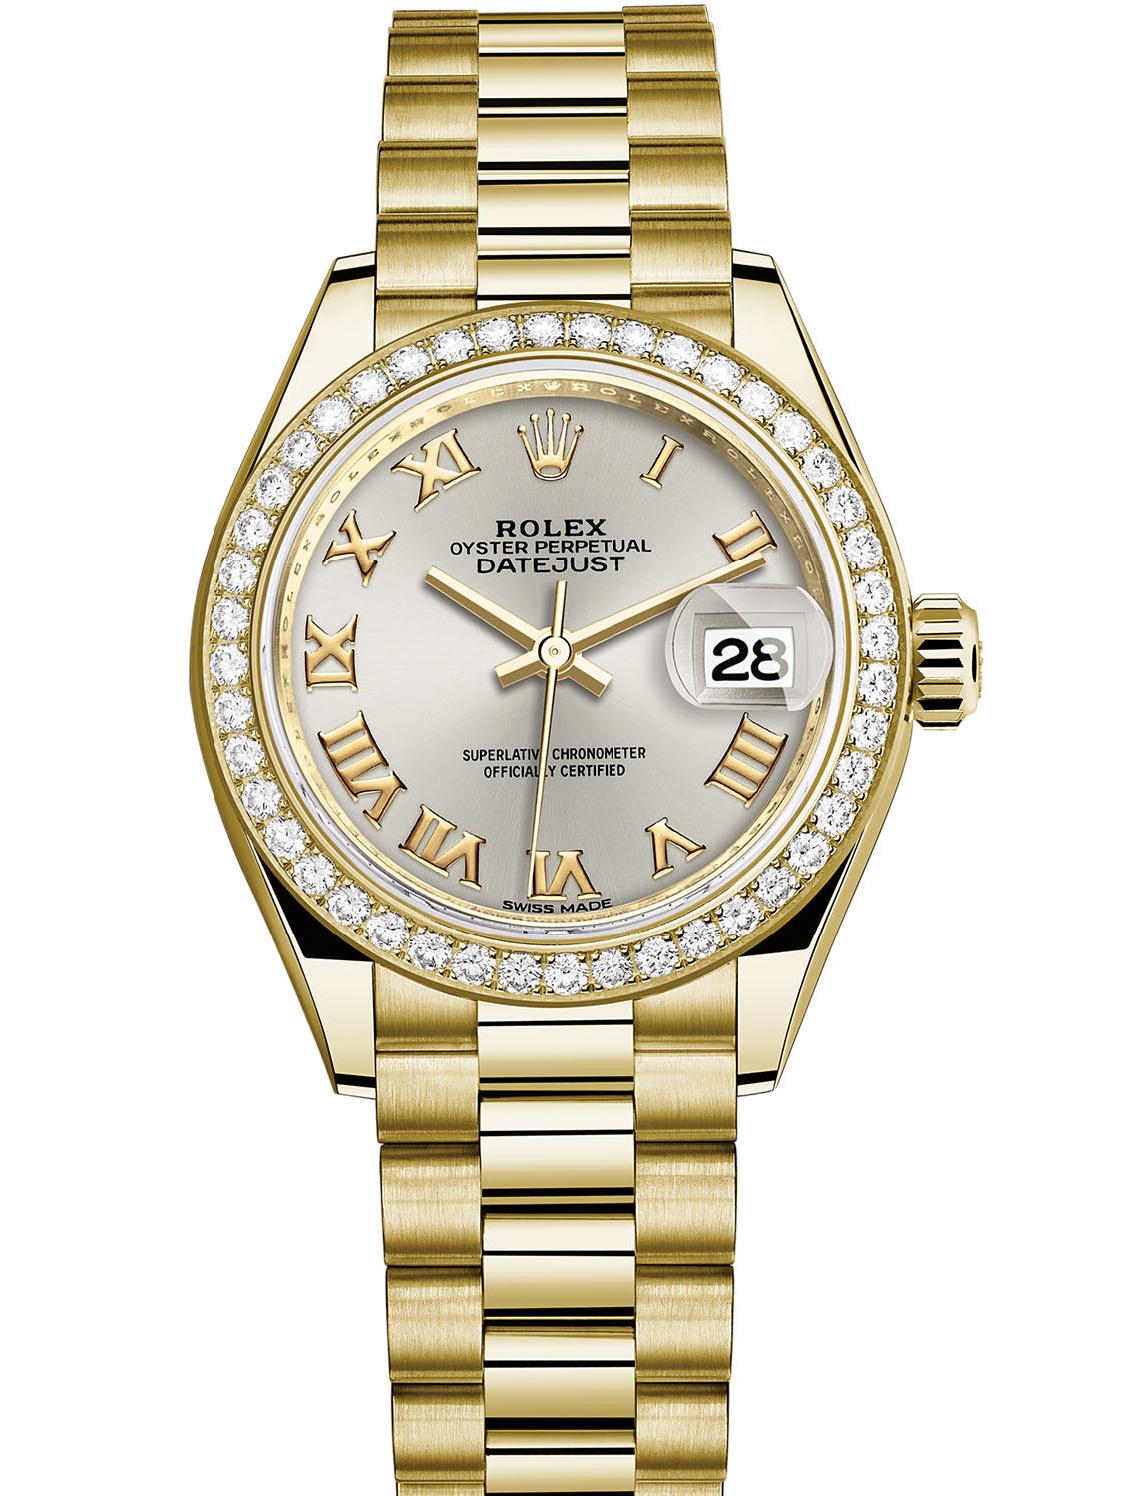 劳力士女装日志型28黄金钻圈银面罗马字女表279138RBR-0017